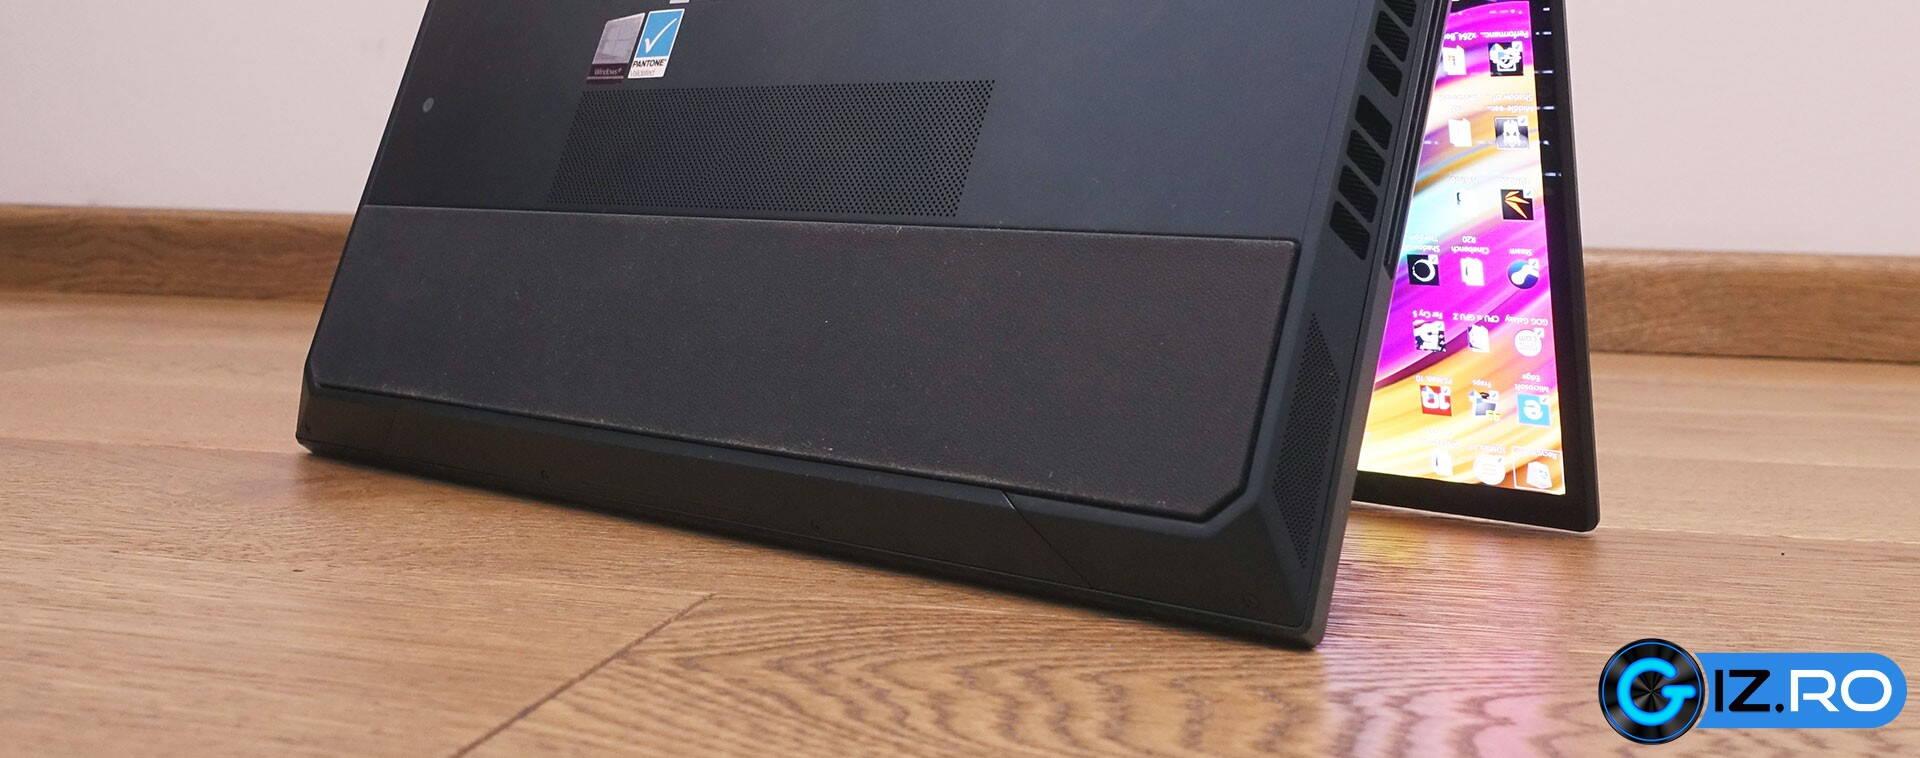 asus-zenbook-pro-duo-ux581-speakers